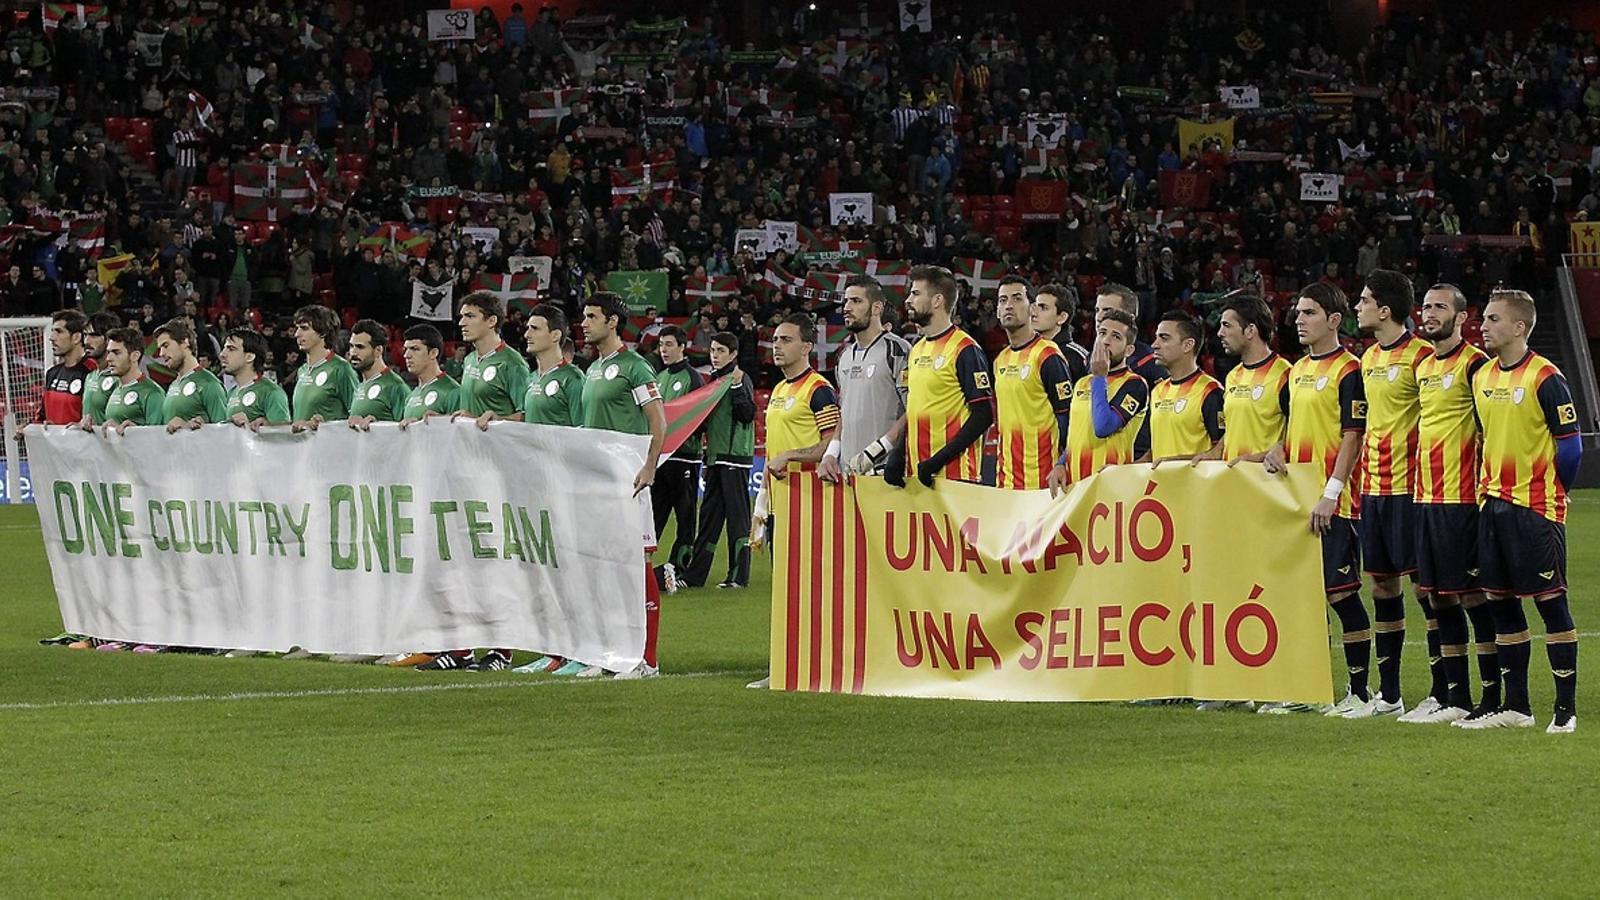 Els jugadors d'Euskadi i Catalunya van saltar a la gespa amb pancartes que reclamaven l'oficialitat de les seleccions nacionals.